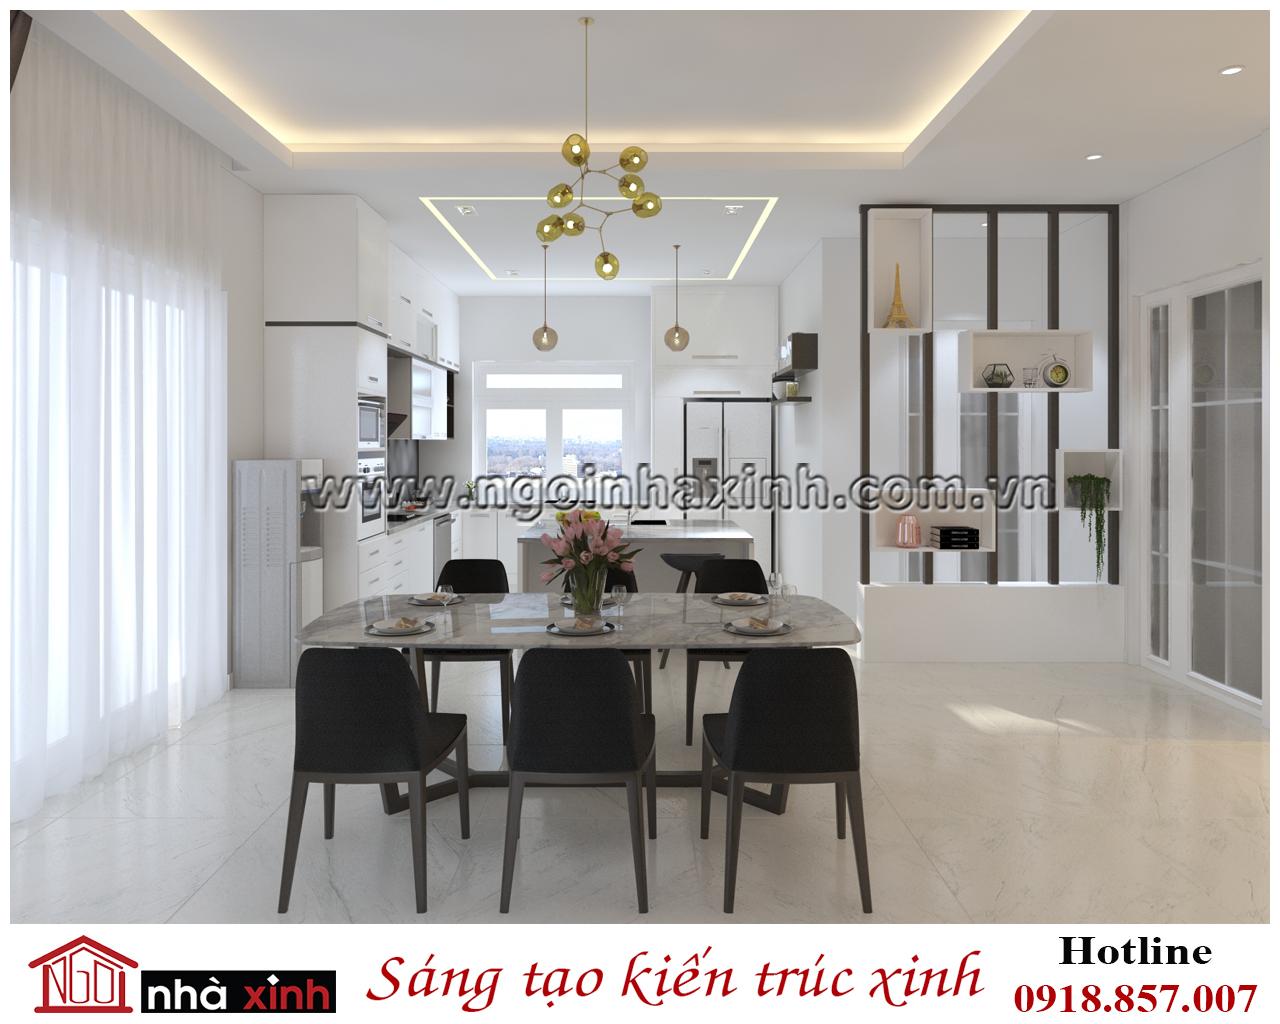 nội thất đẹp, phòng bếp đẹp, nhà xinh